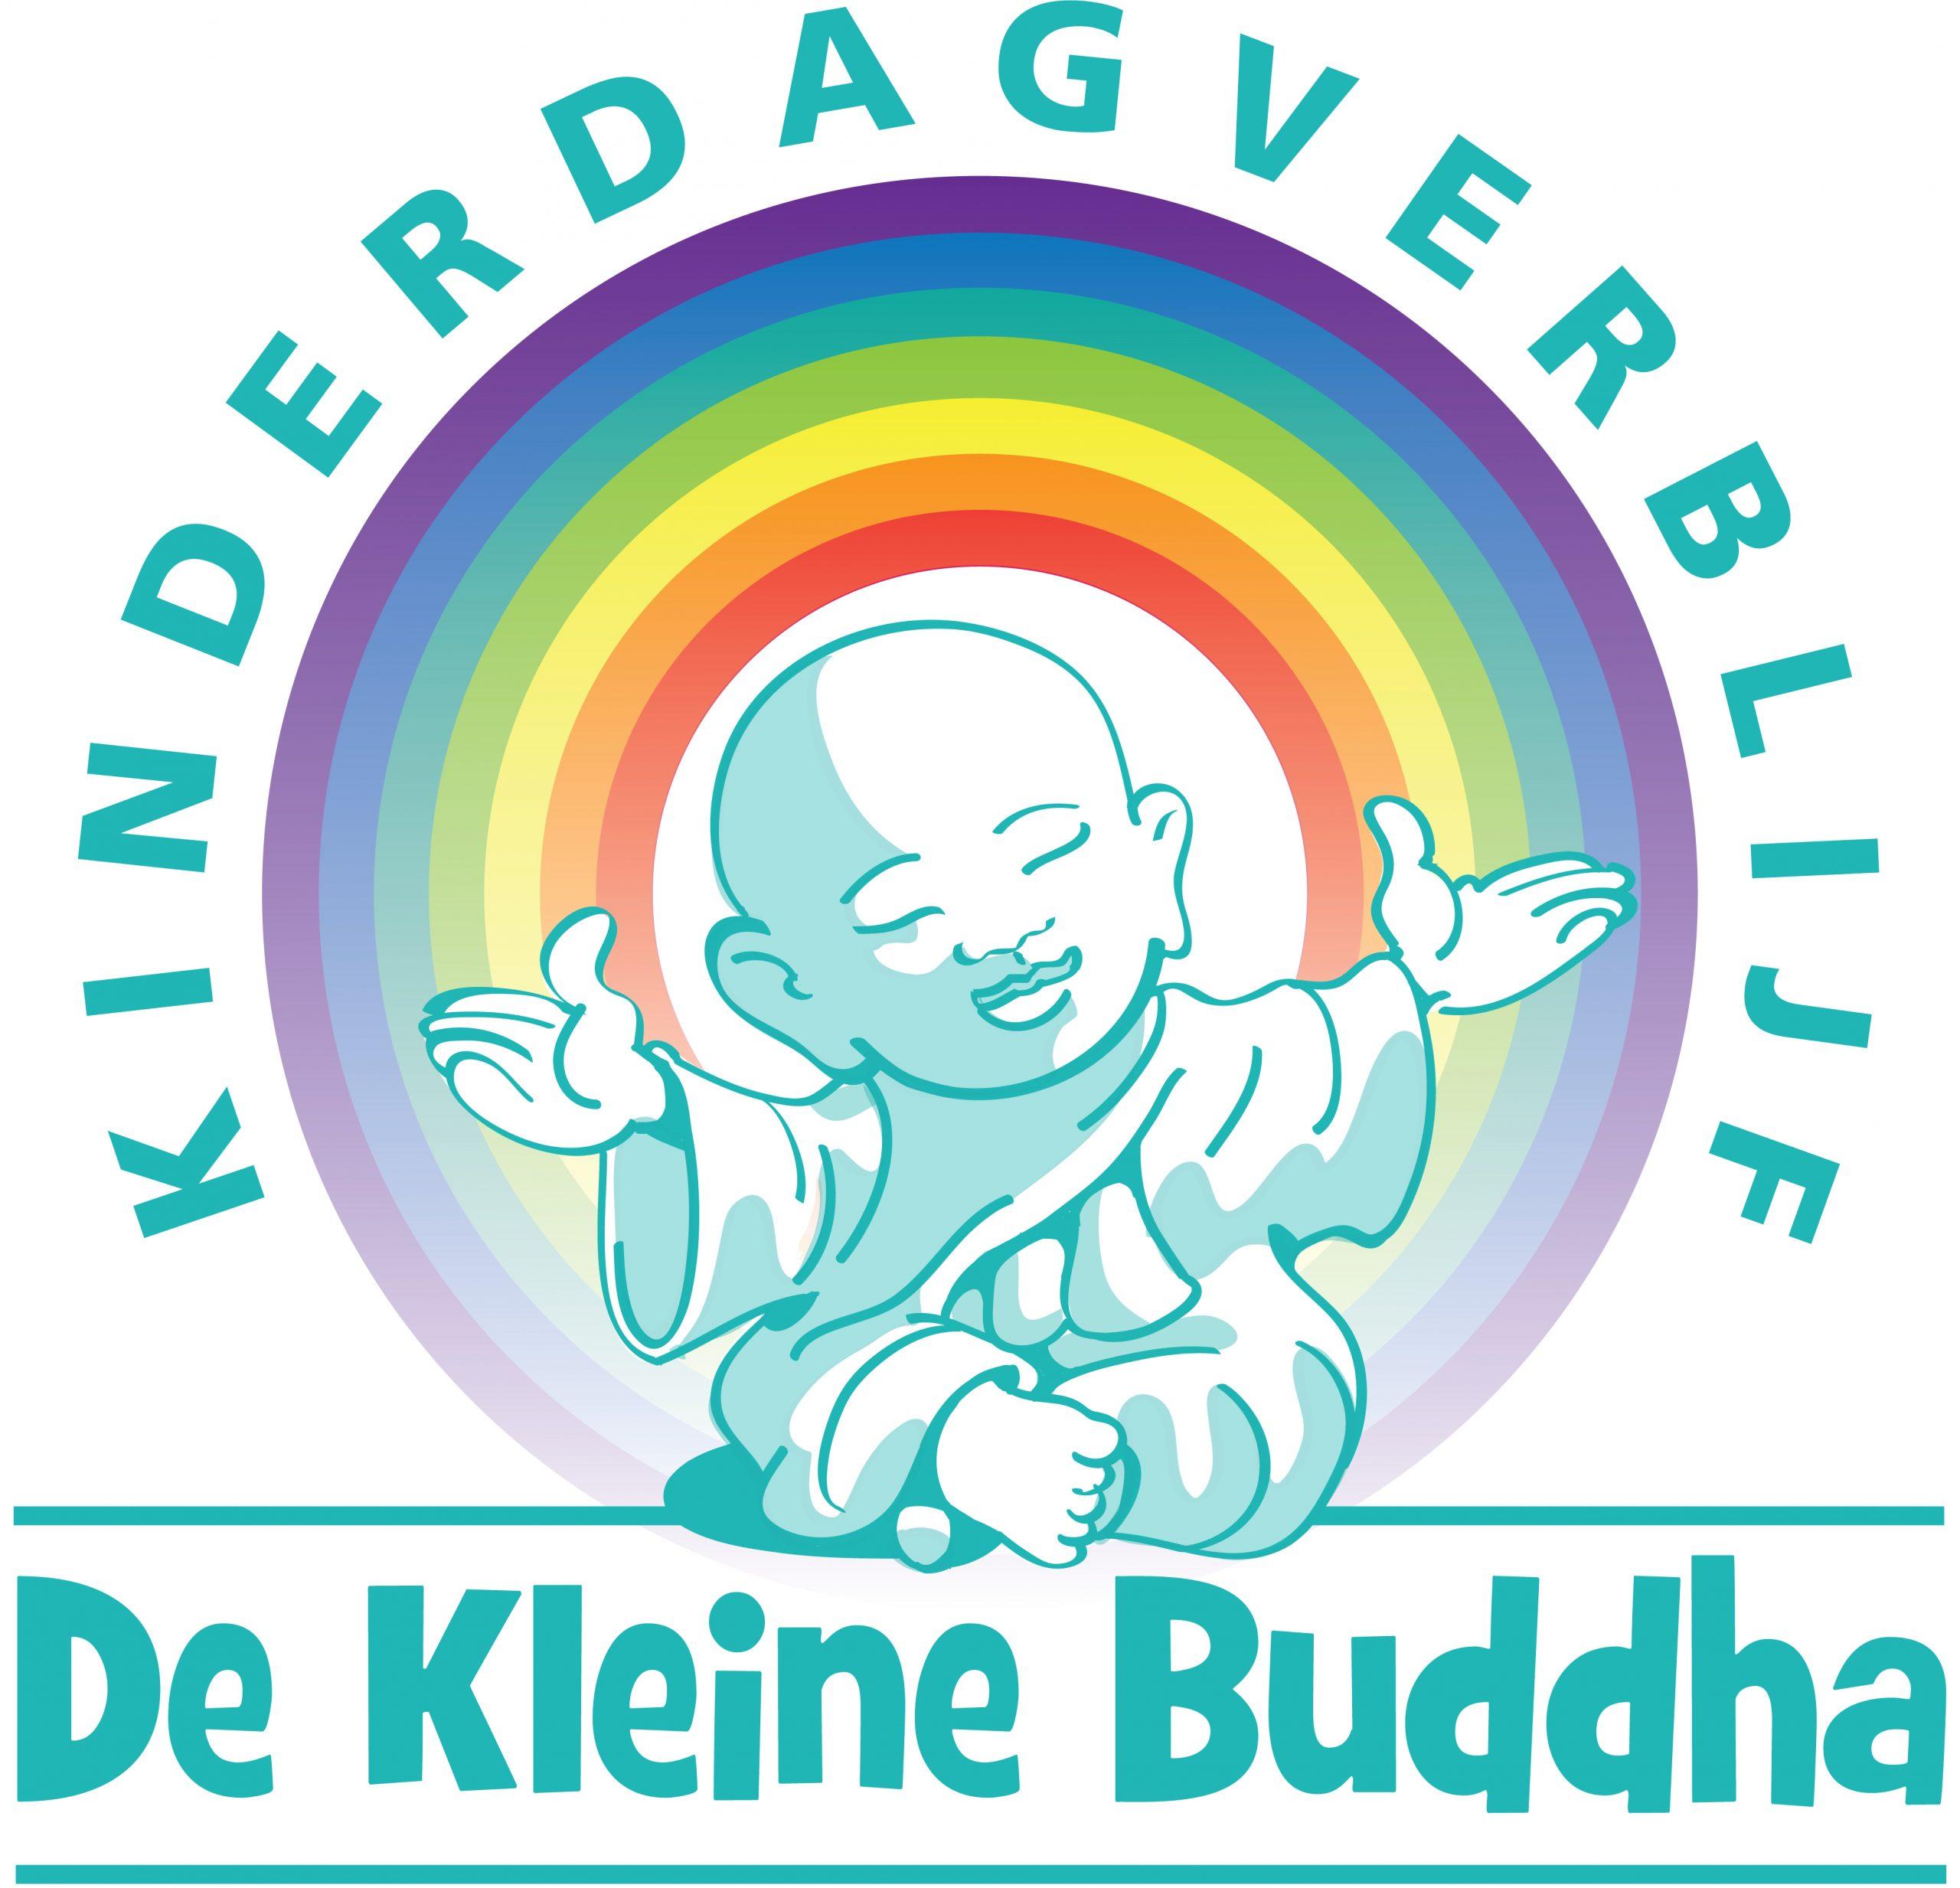 De Kleine Buddha